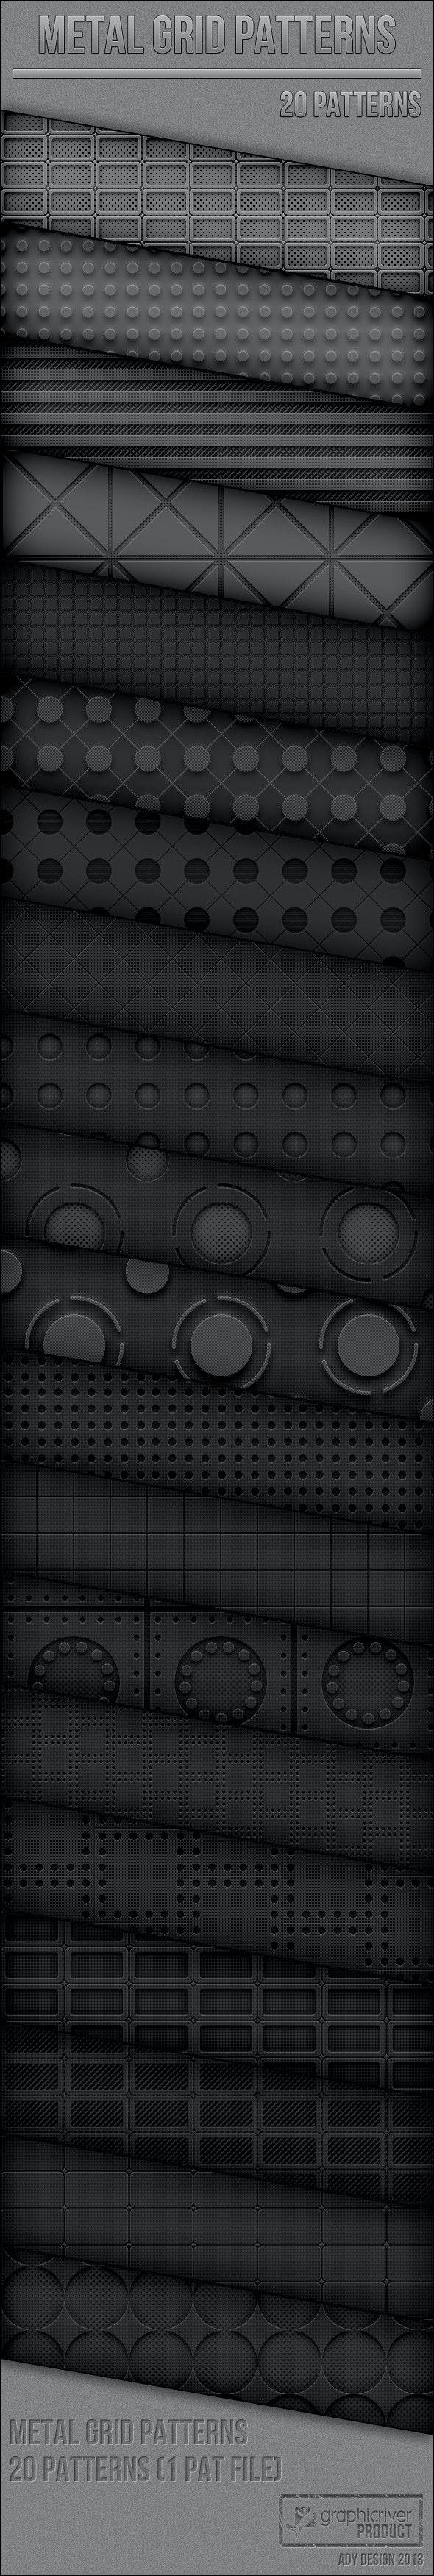 Metal Grid Patterns - Techno / Futuristic Textures / Fills / Patterns